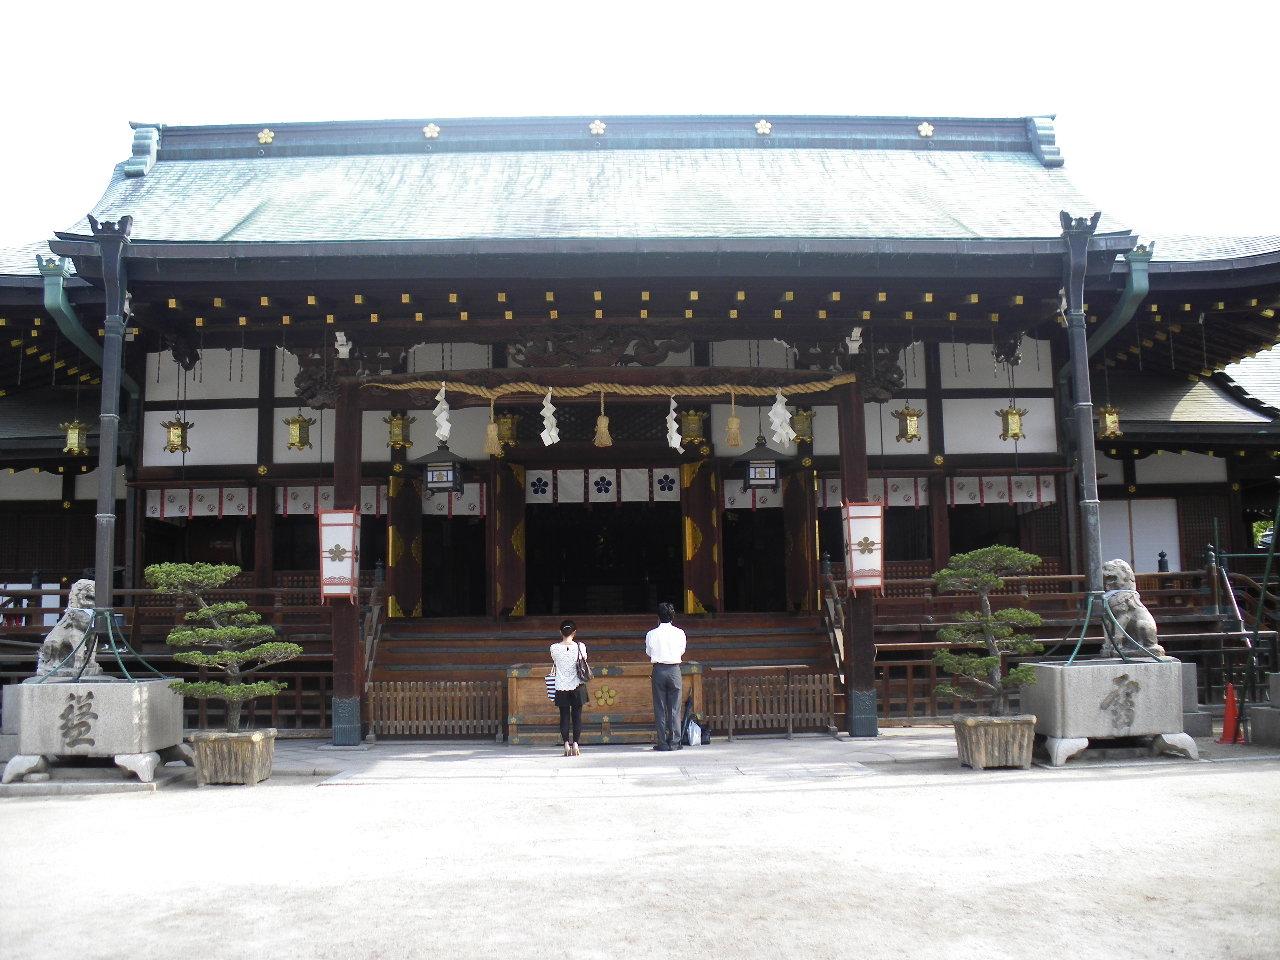 大阪天満宮にて 2012.6.15<br />  朝